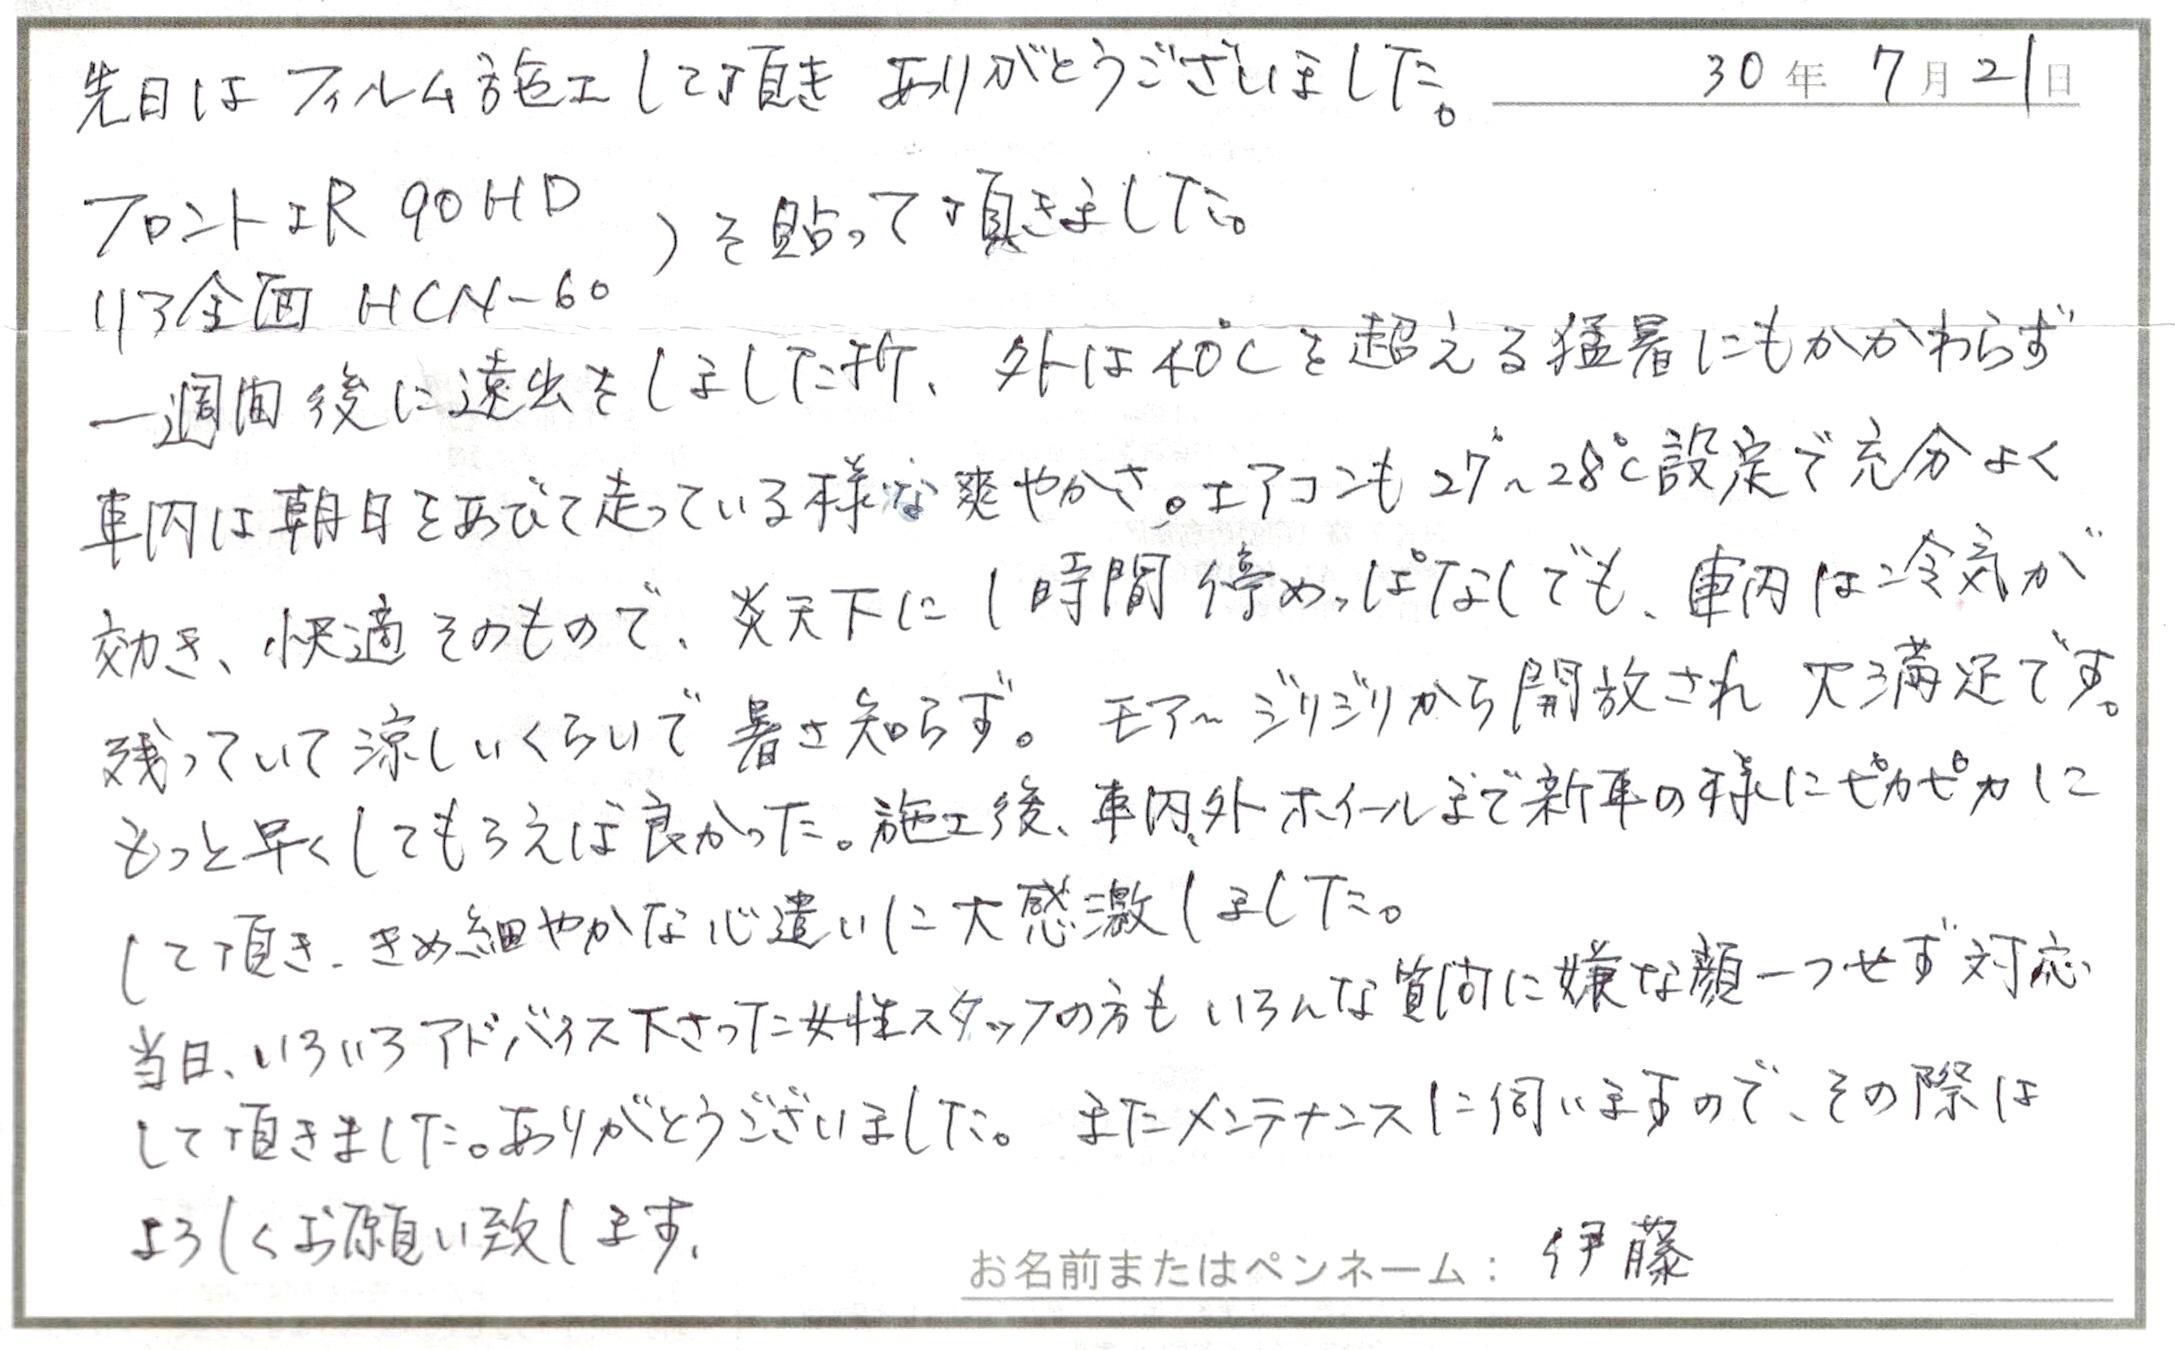 ビーパックスへのクチコミ/お客様の声:伊藤 様(京都市左京区)/VW ゴルフⅦ